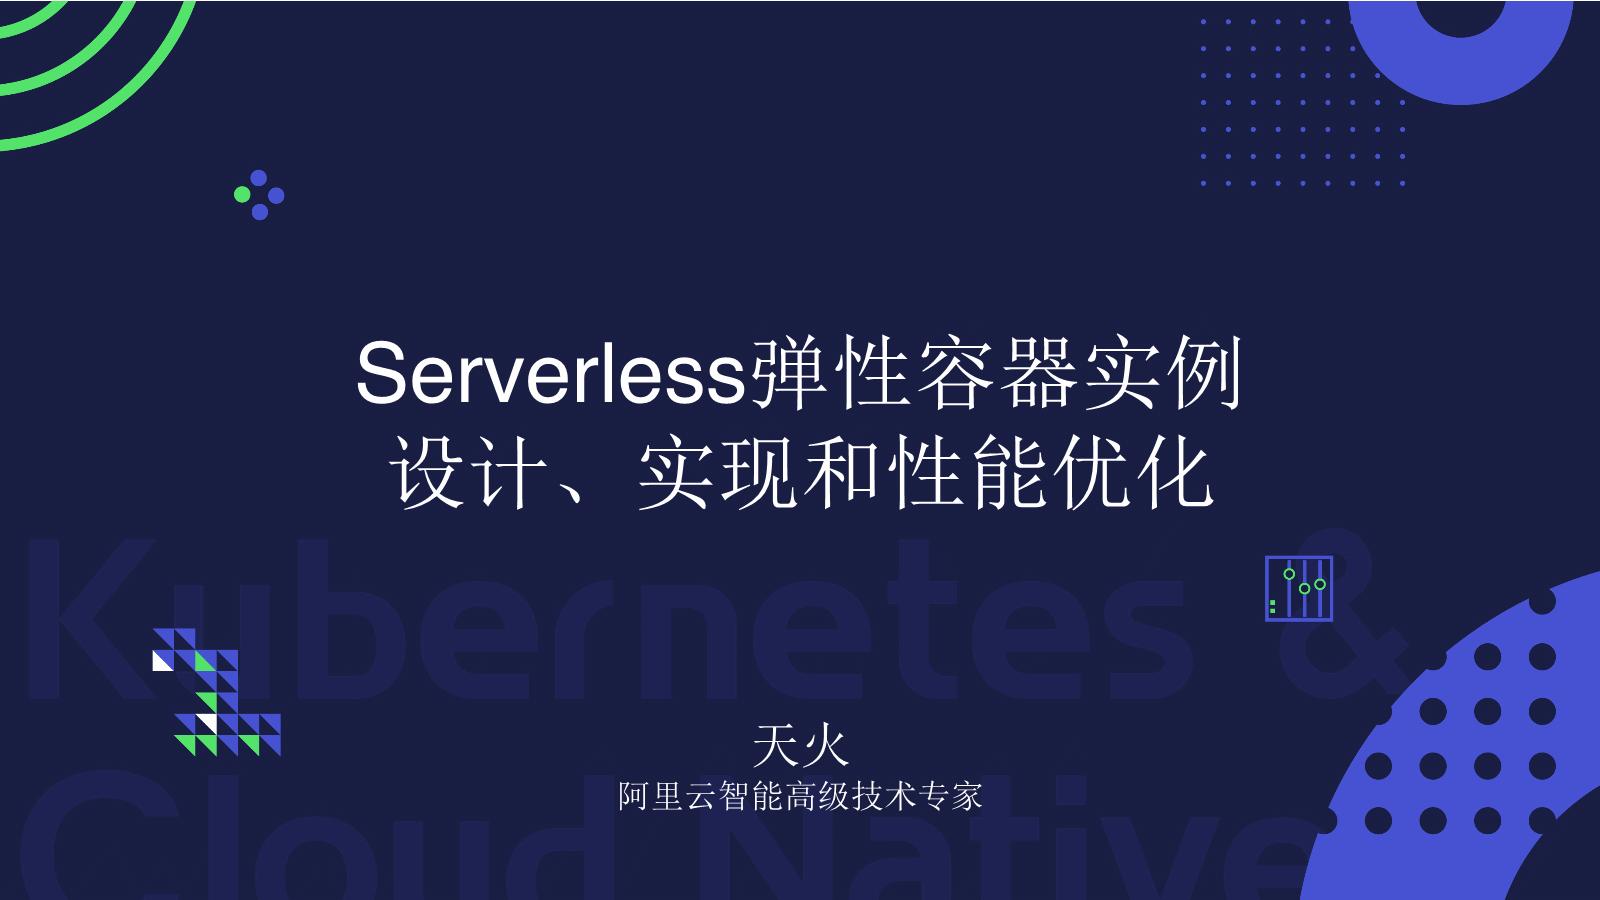 天火-Serverless弹性容器实例:设计、实现和性能优化